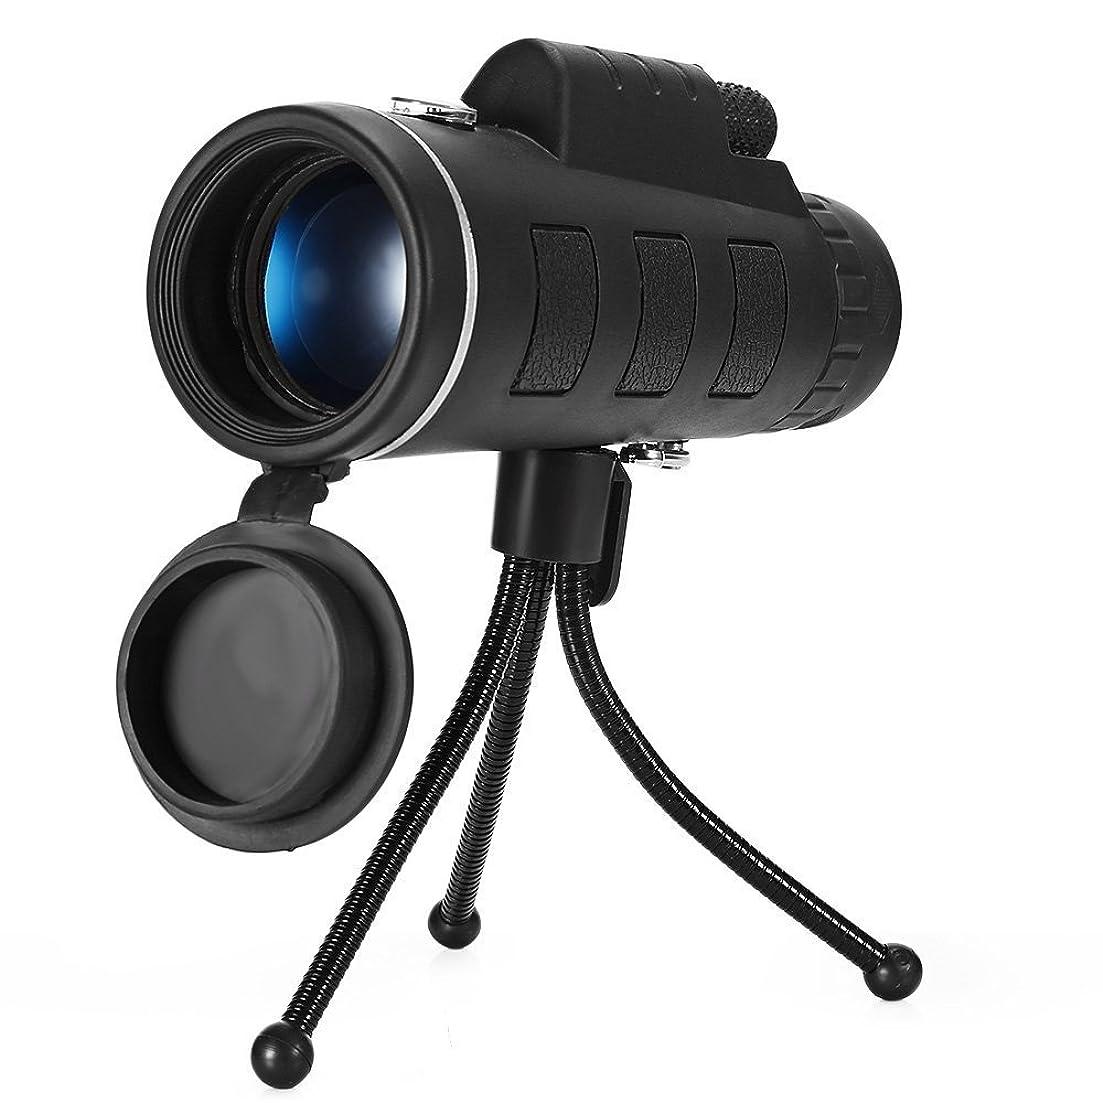 お金ゴムにもかかわらず熟したXpxkj Monocular望遠鏡、40?x 60デュアルフォーカス防水Spottingスコープ、Low Night Vision with電話クリップと三脚のセルphone-cloth for Stargazing、Bird Watching、ハイキングとスポーツ monocular ブラック DSL